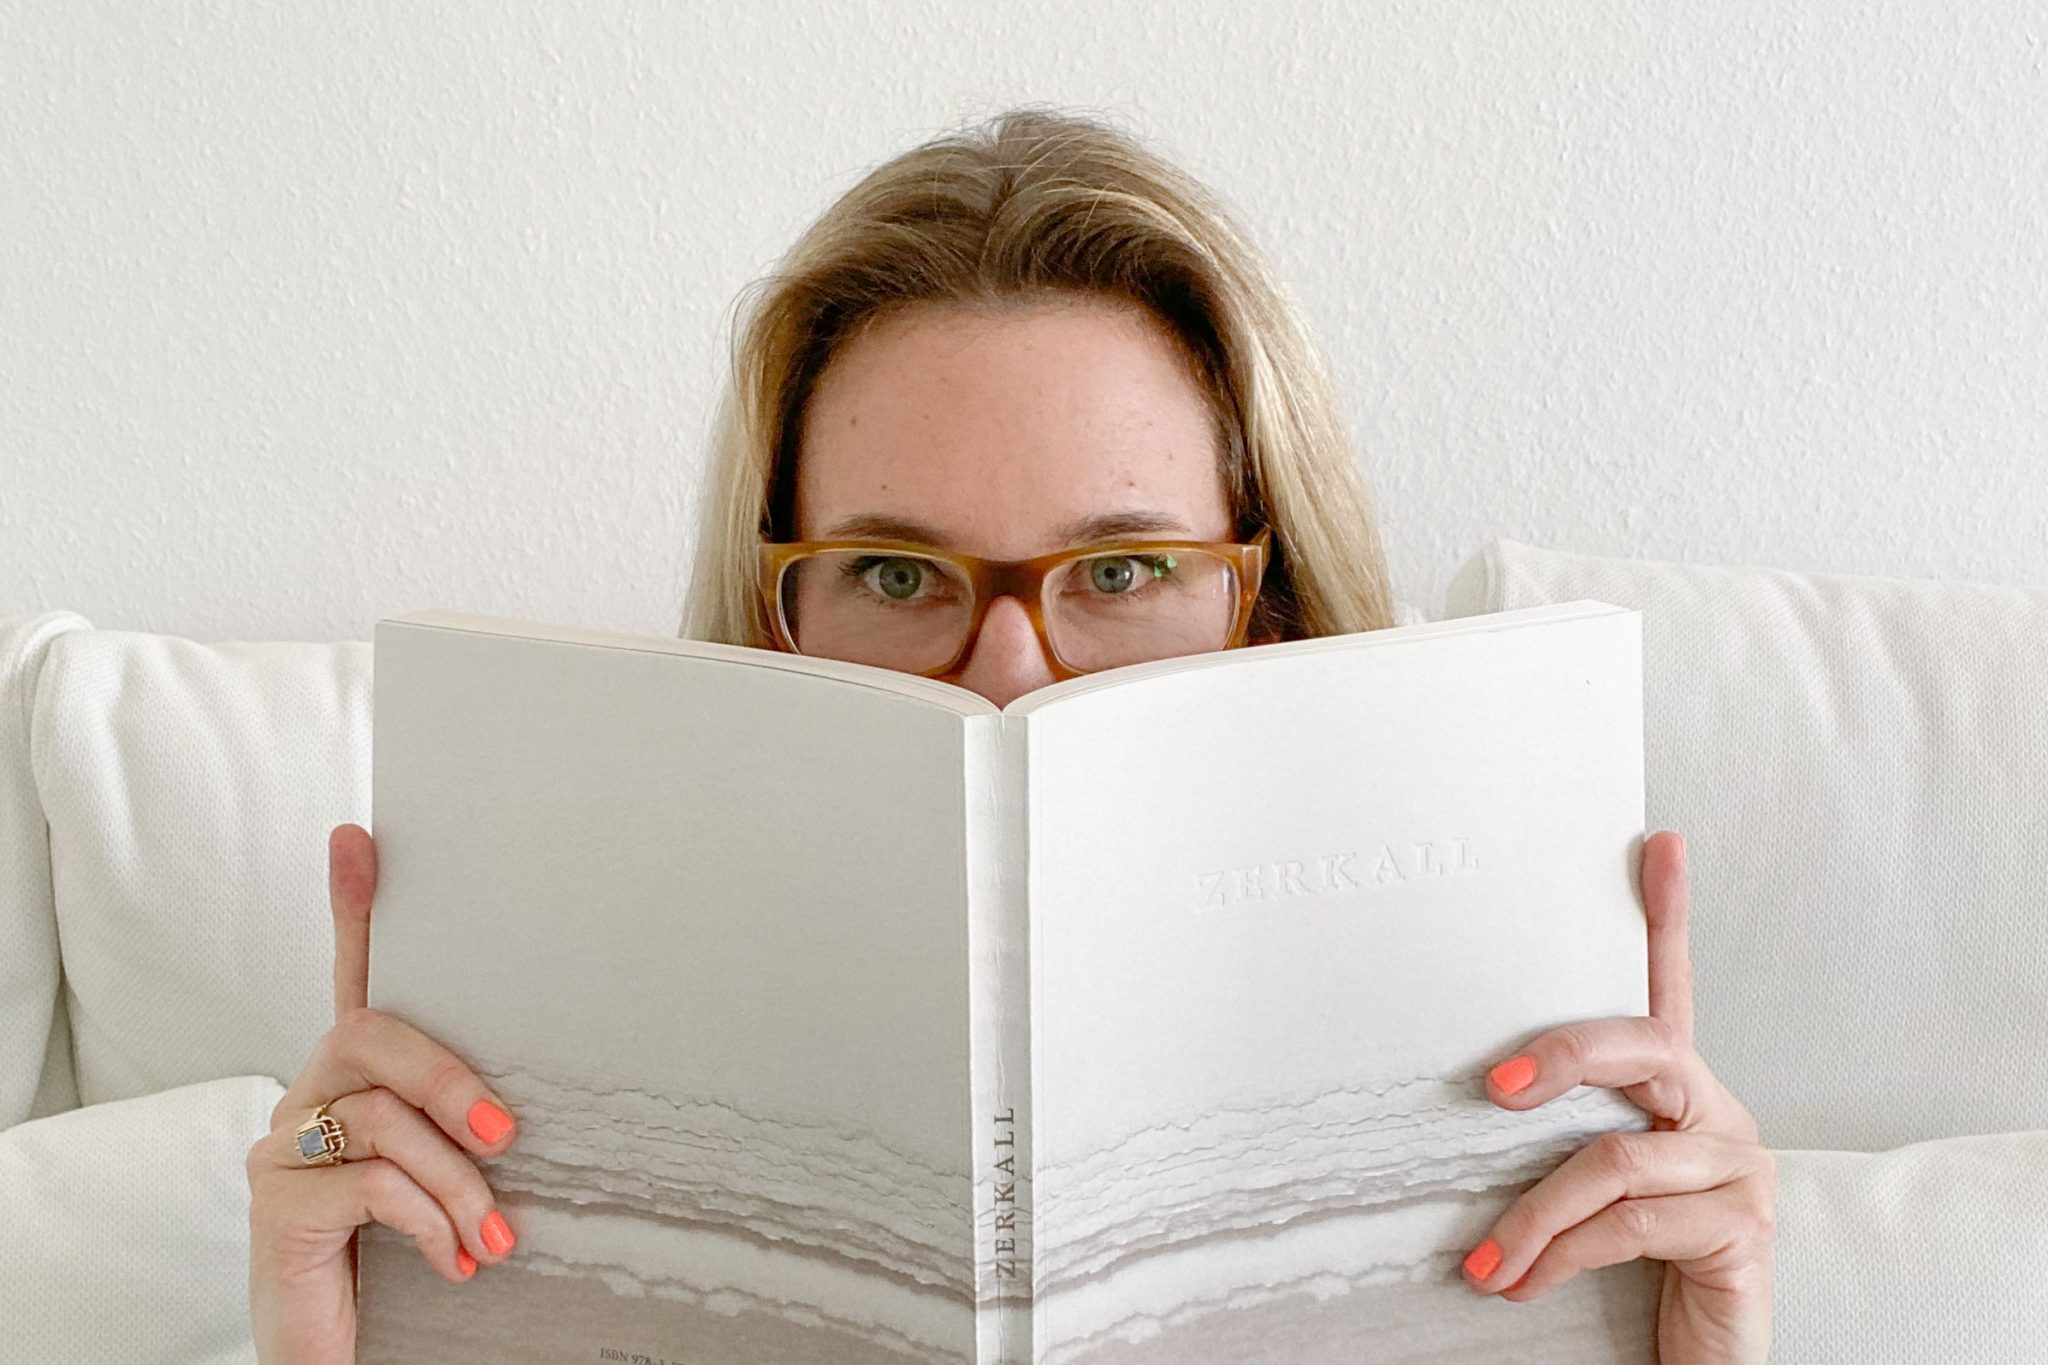 Maxi versteckt sich hinter einem Buch